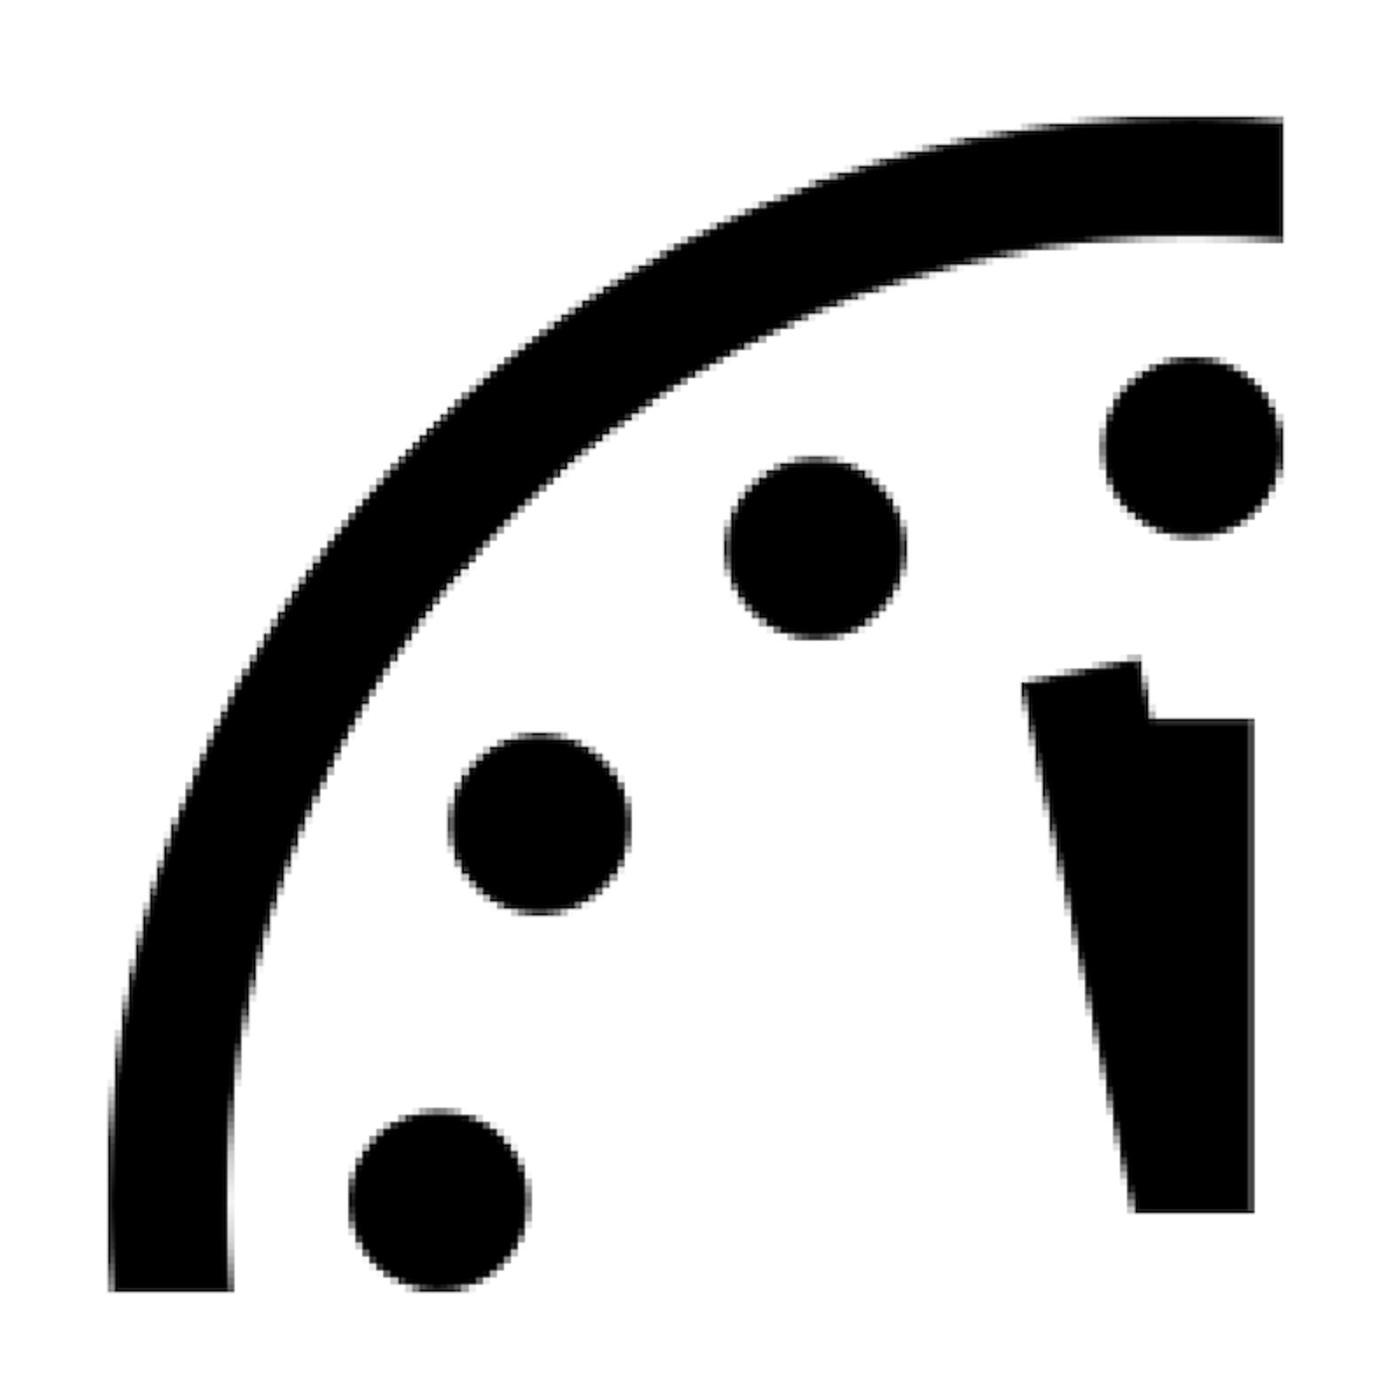 10: Dos minutos para el fin del mundo en LA QUINTA FRONTERA en mp3 ...